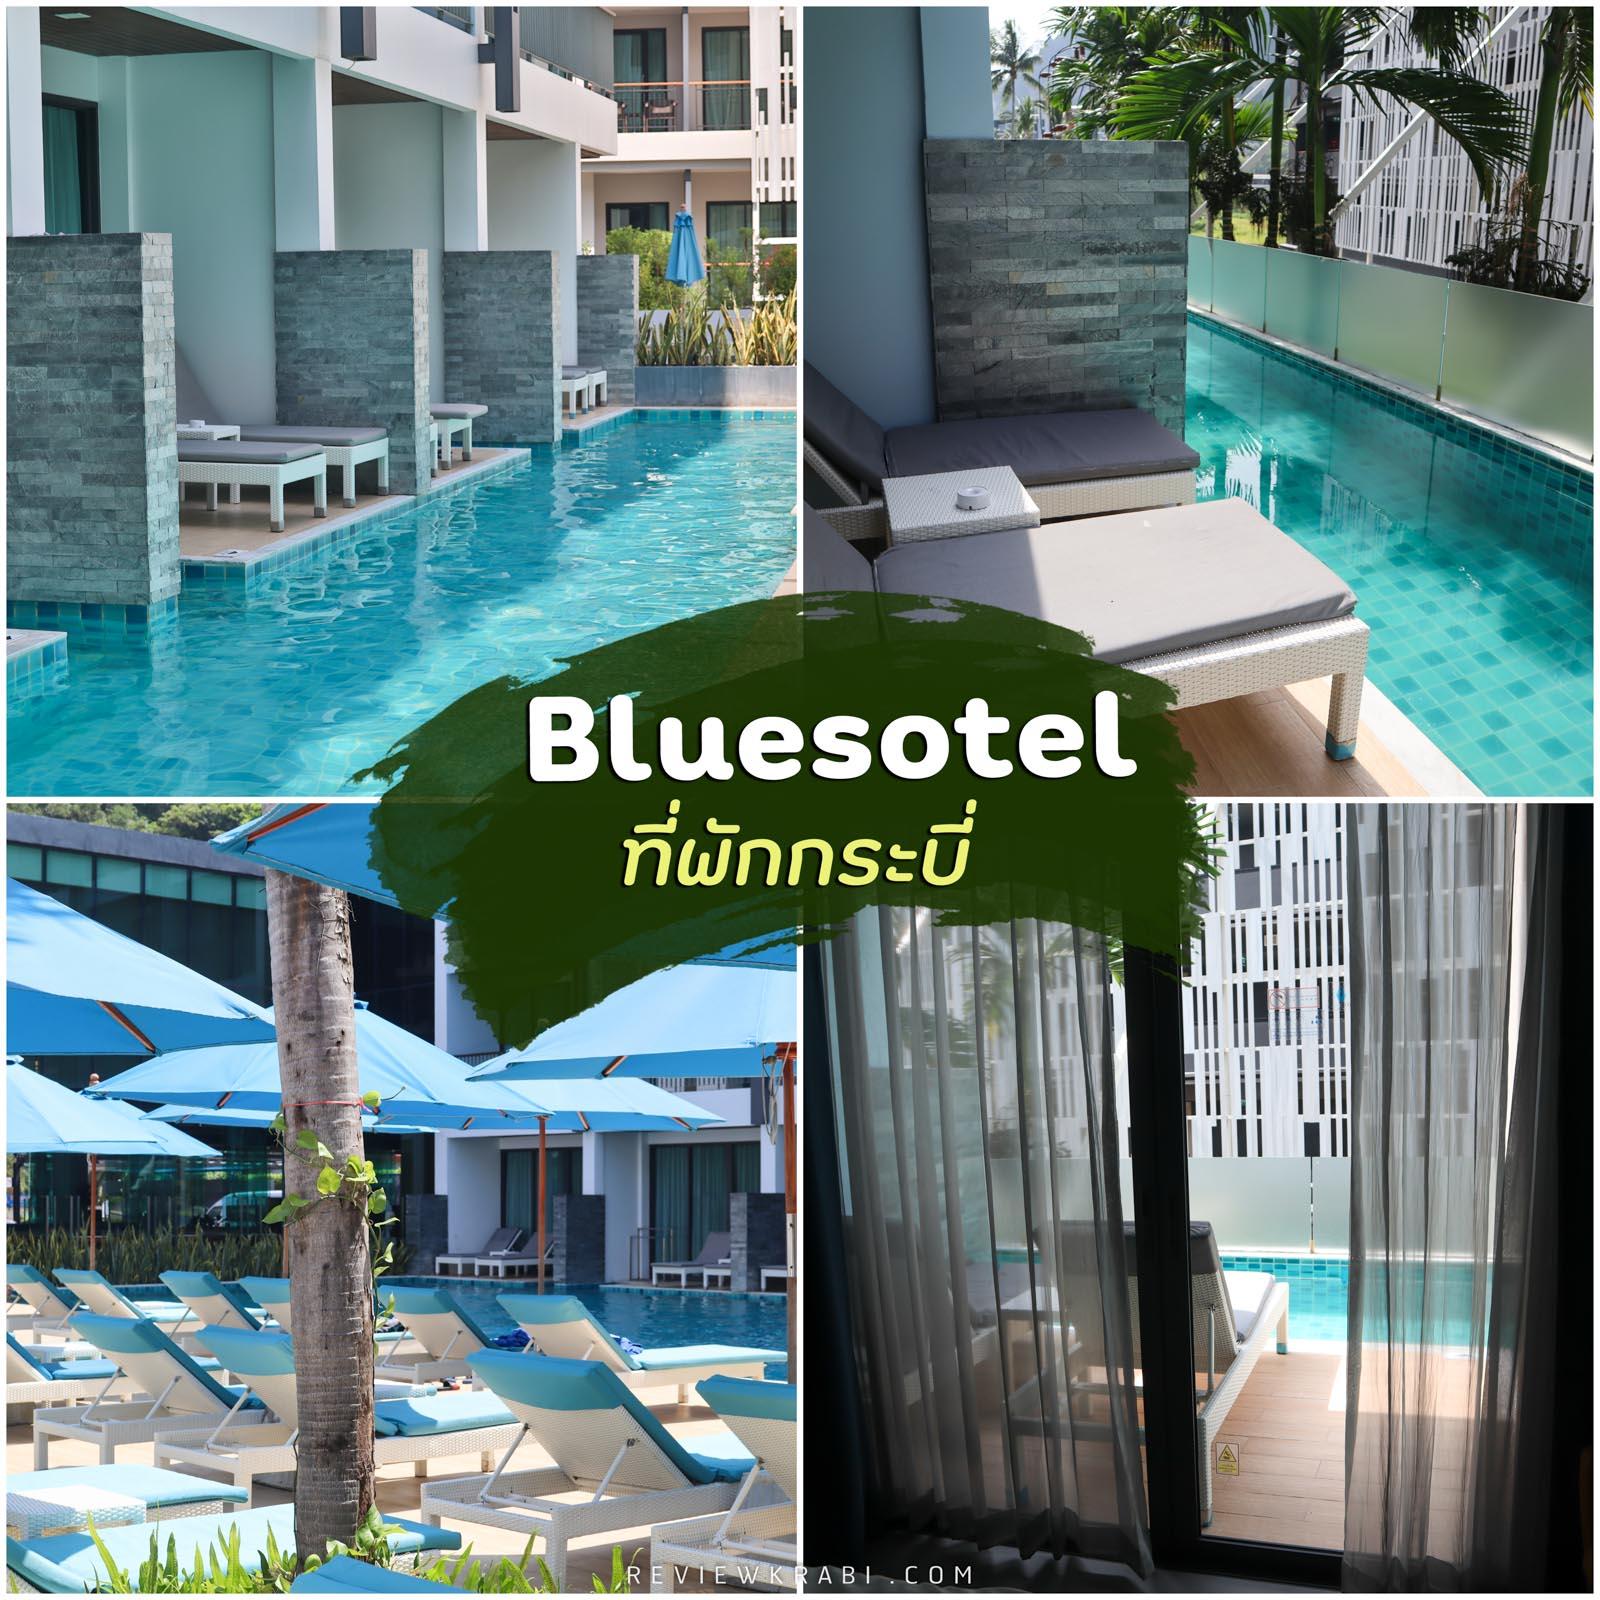 Bluesotel กระบี่ ที่พักกระบี่ใกล้หาดอ่าวนาง สวยๆ สระว่ายน้ำใหญ่ สบายๆสไตล์โมเดิร์น